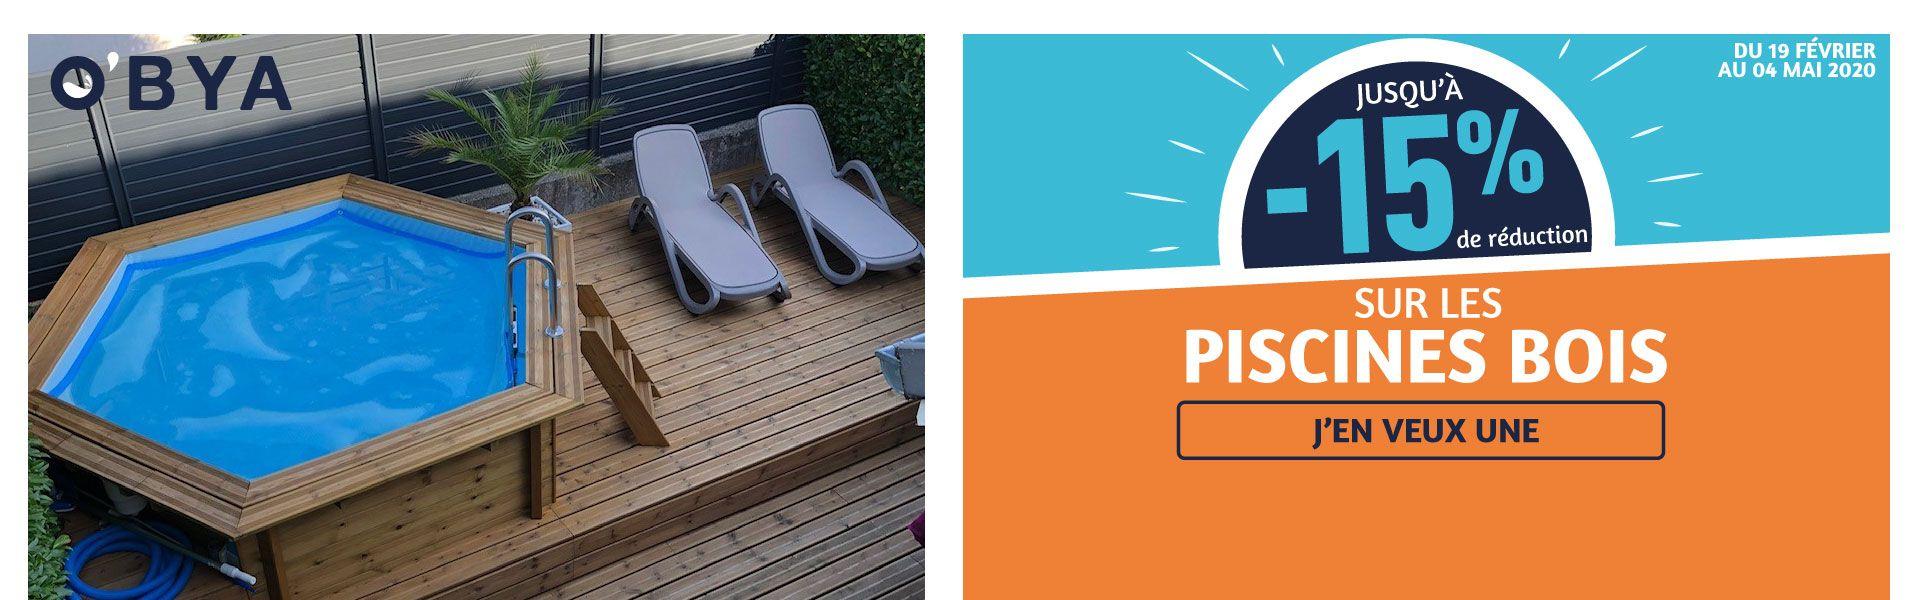 Cash Piscines - Tout Pour La Piscine & Spas Gonflables ... dedans Cash Piscine Toulouse